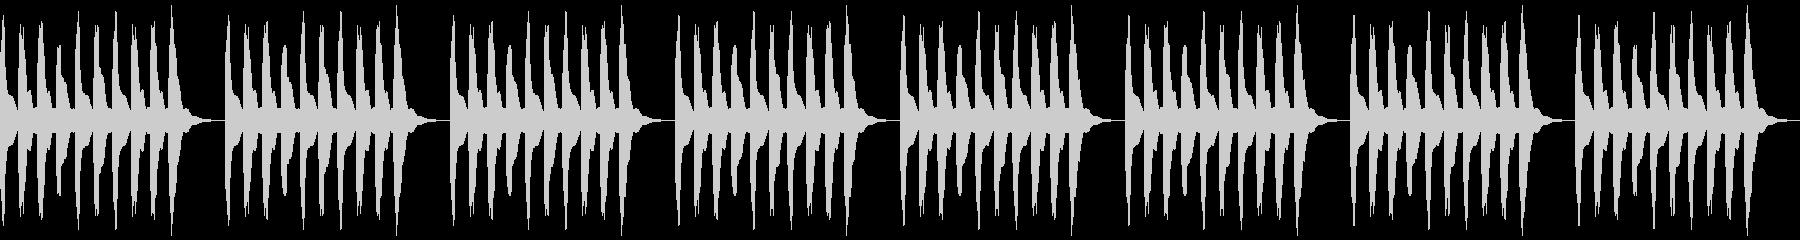 水中を漂うような浮遊感のある曲の未再生の波形